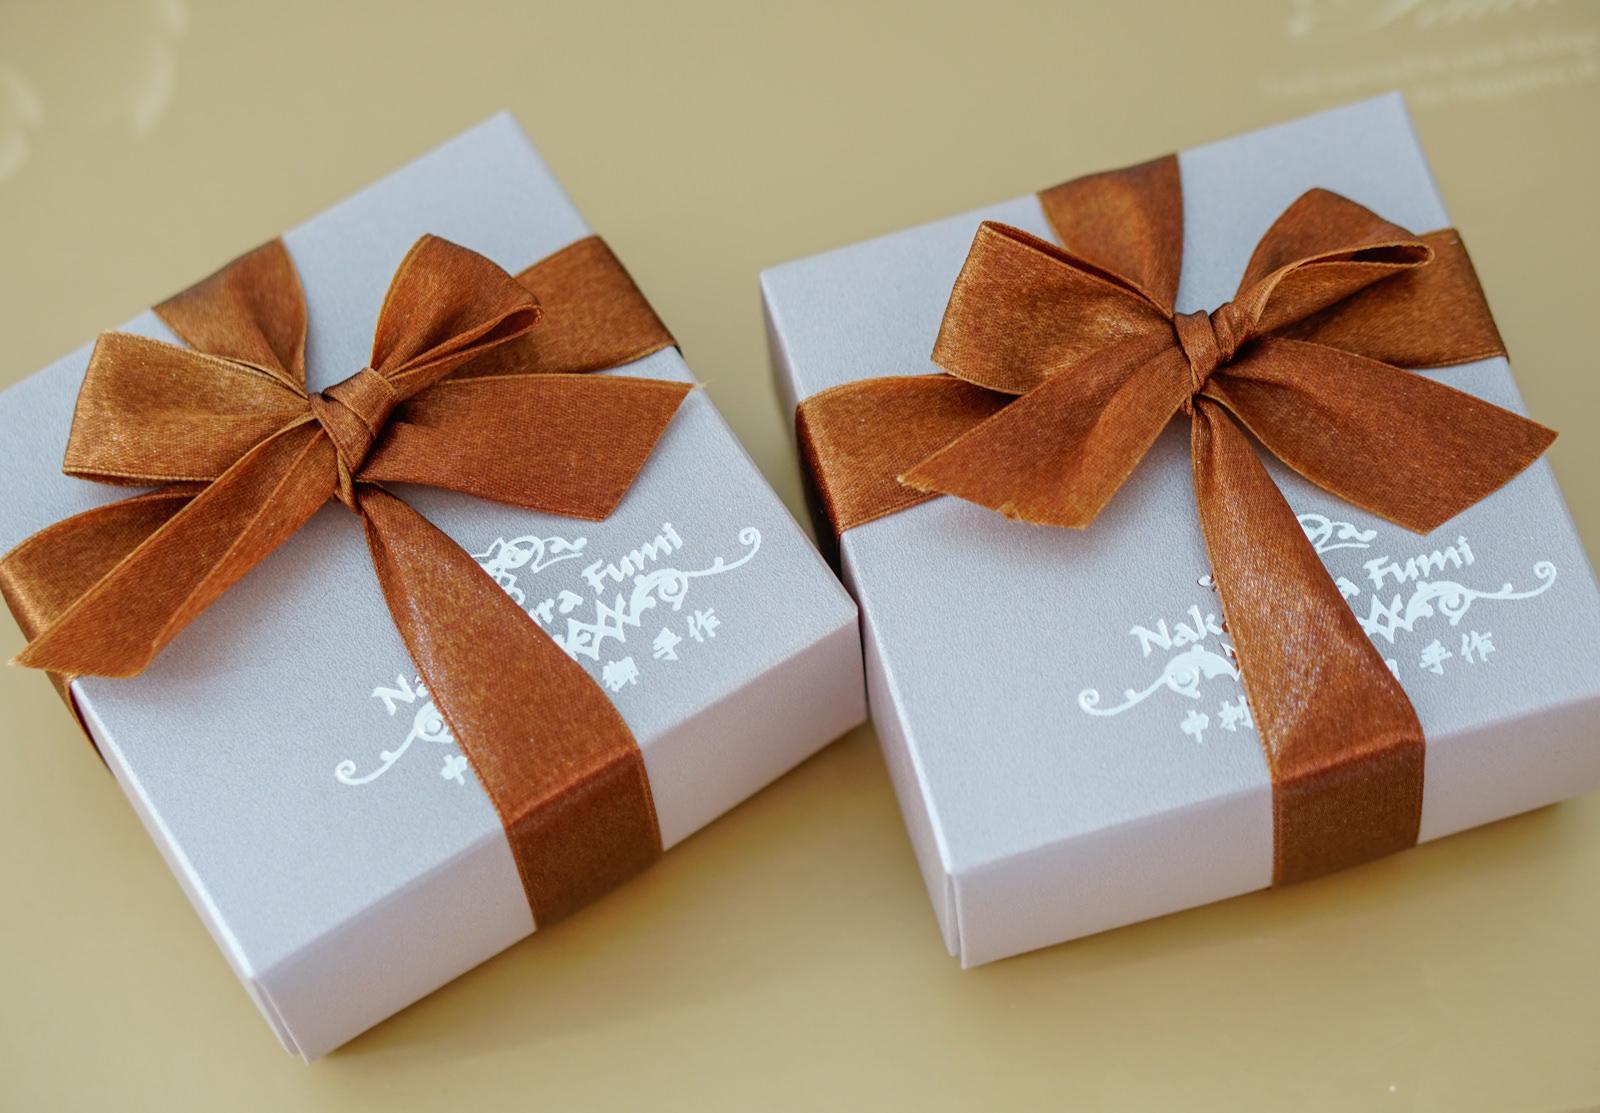 [高雄]中村文御手作-質感法式手工餅乾豆塔x超人氣高雄春節禮盒 高雄禮盒推薦 @美食好芃友